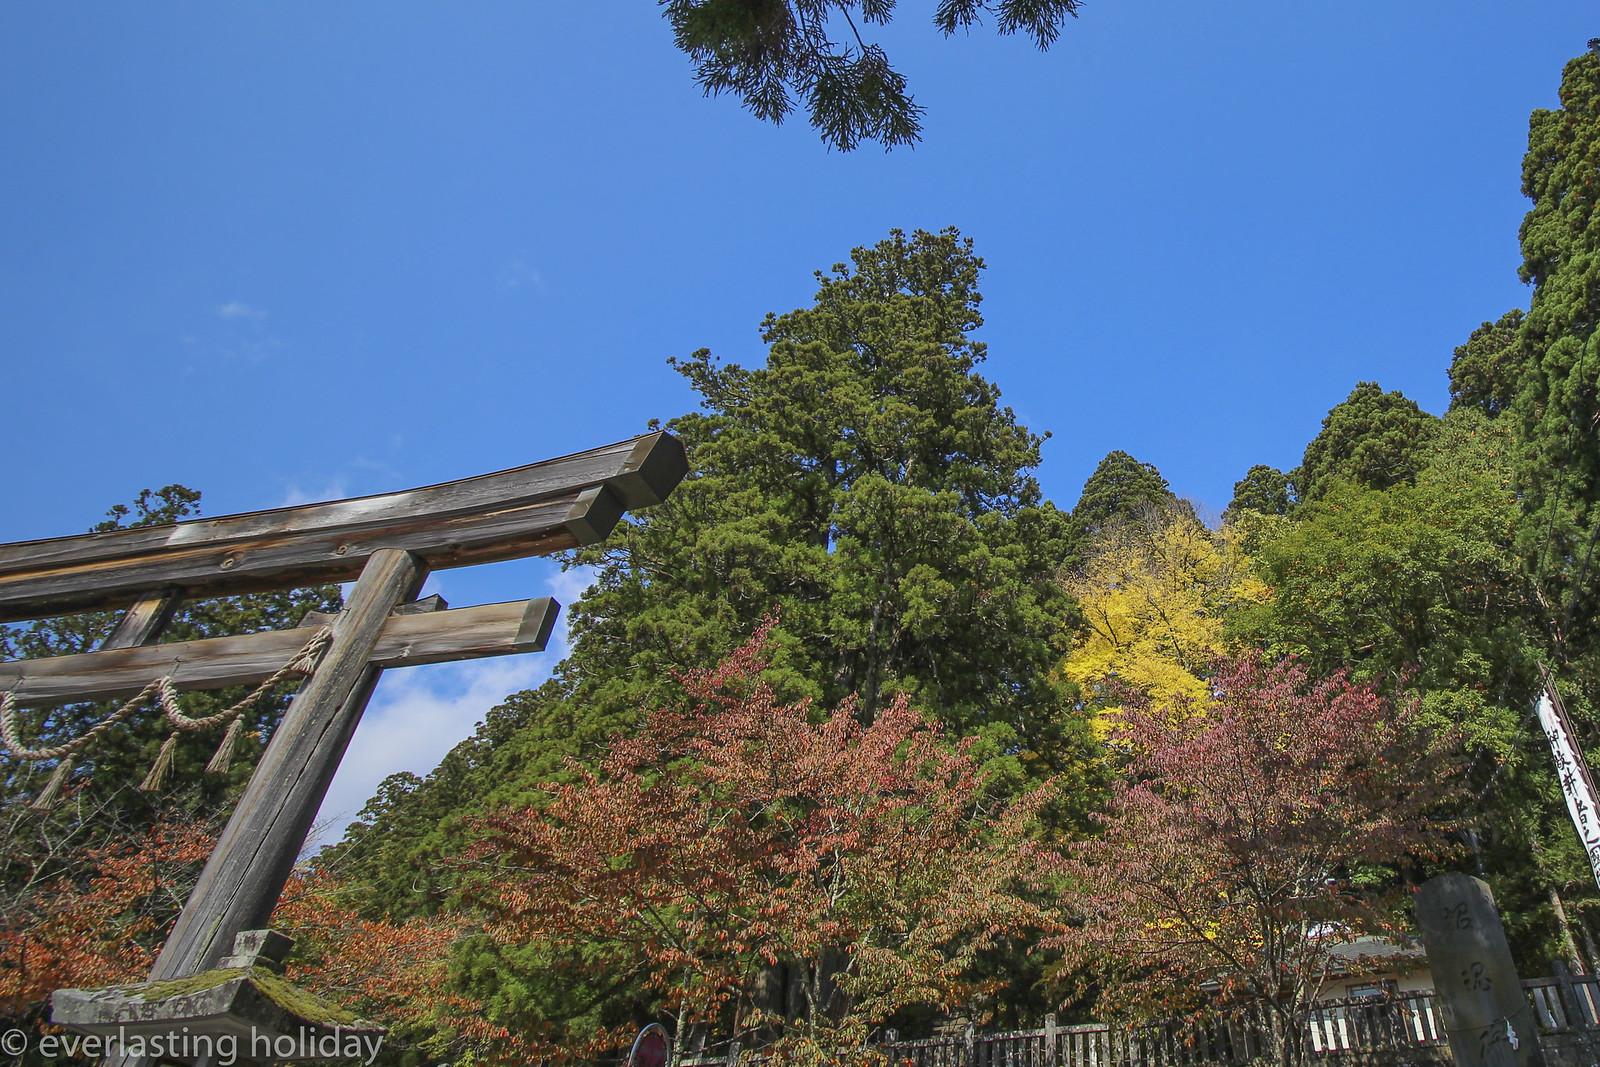 戸隠神社 Togakushi-jinja Shrine-0010